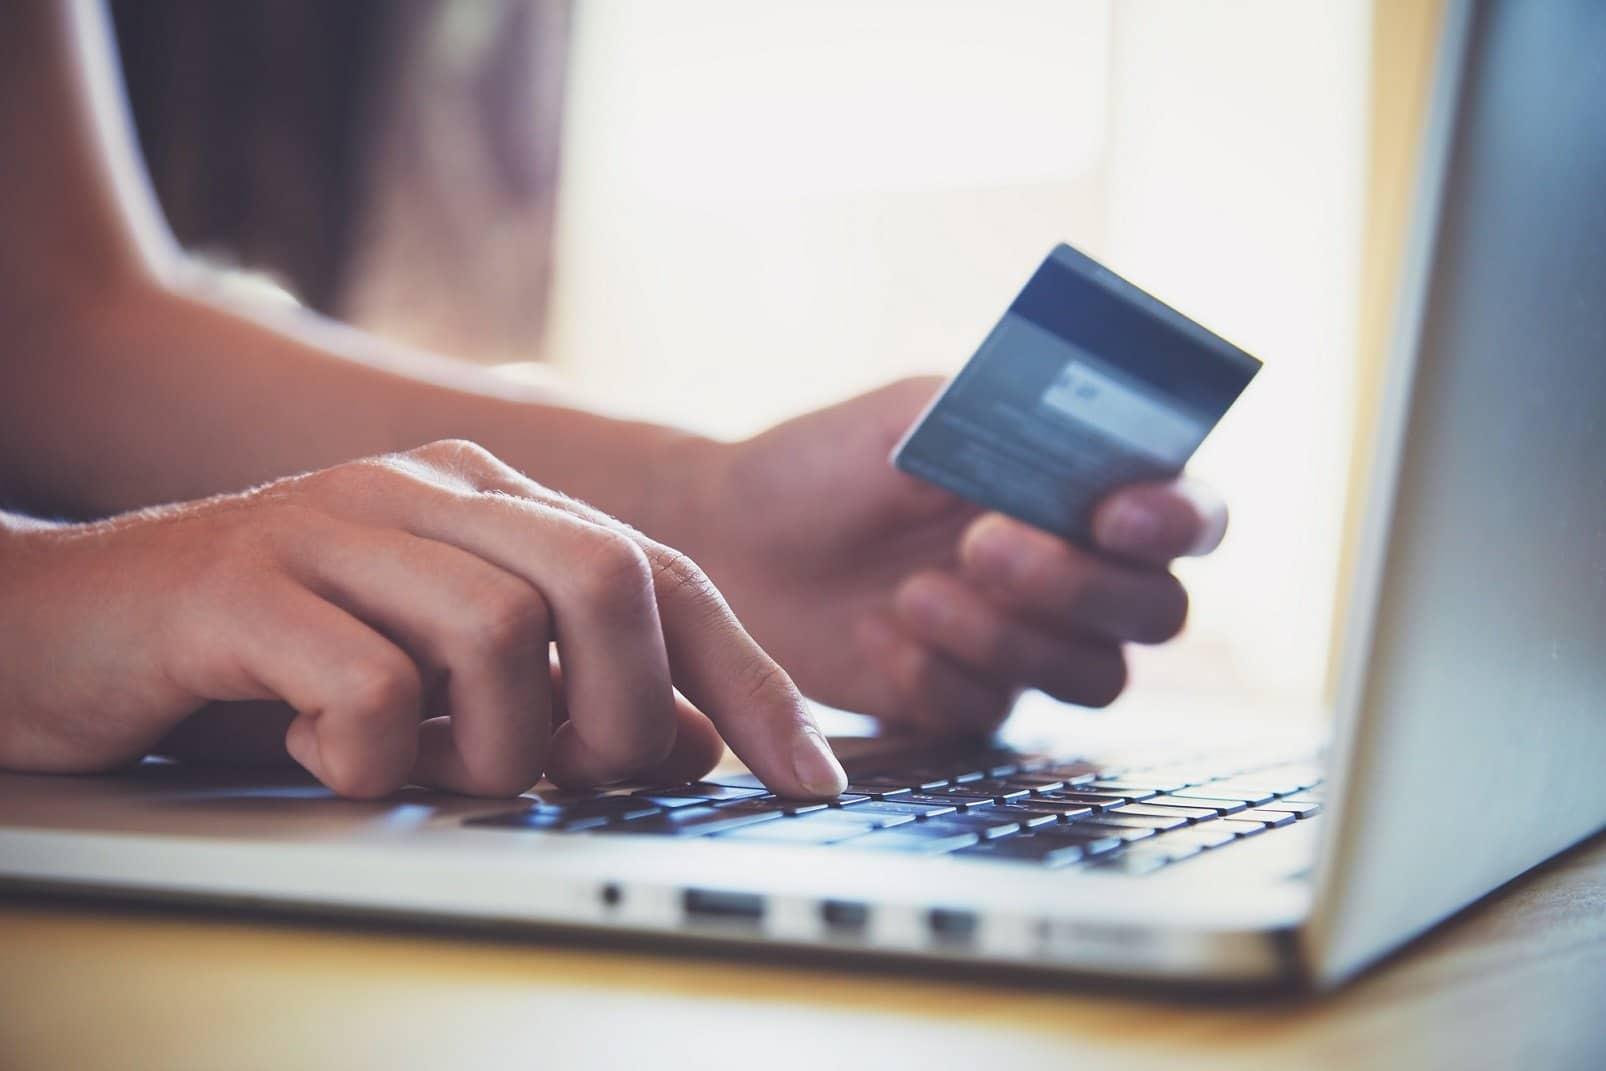 ordering prescription medicine online